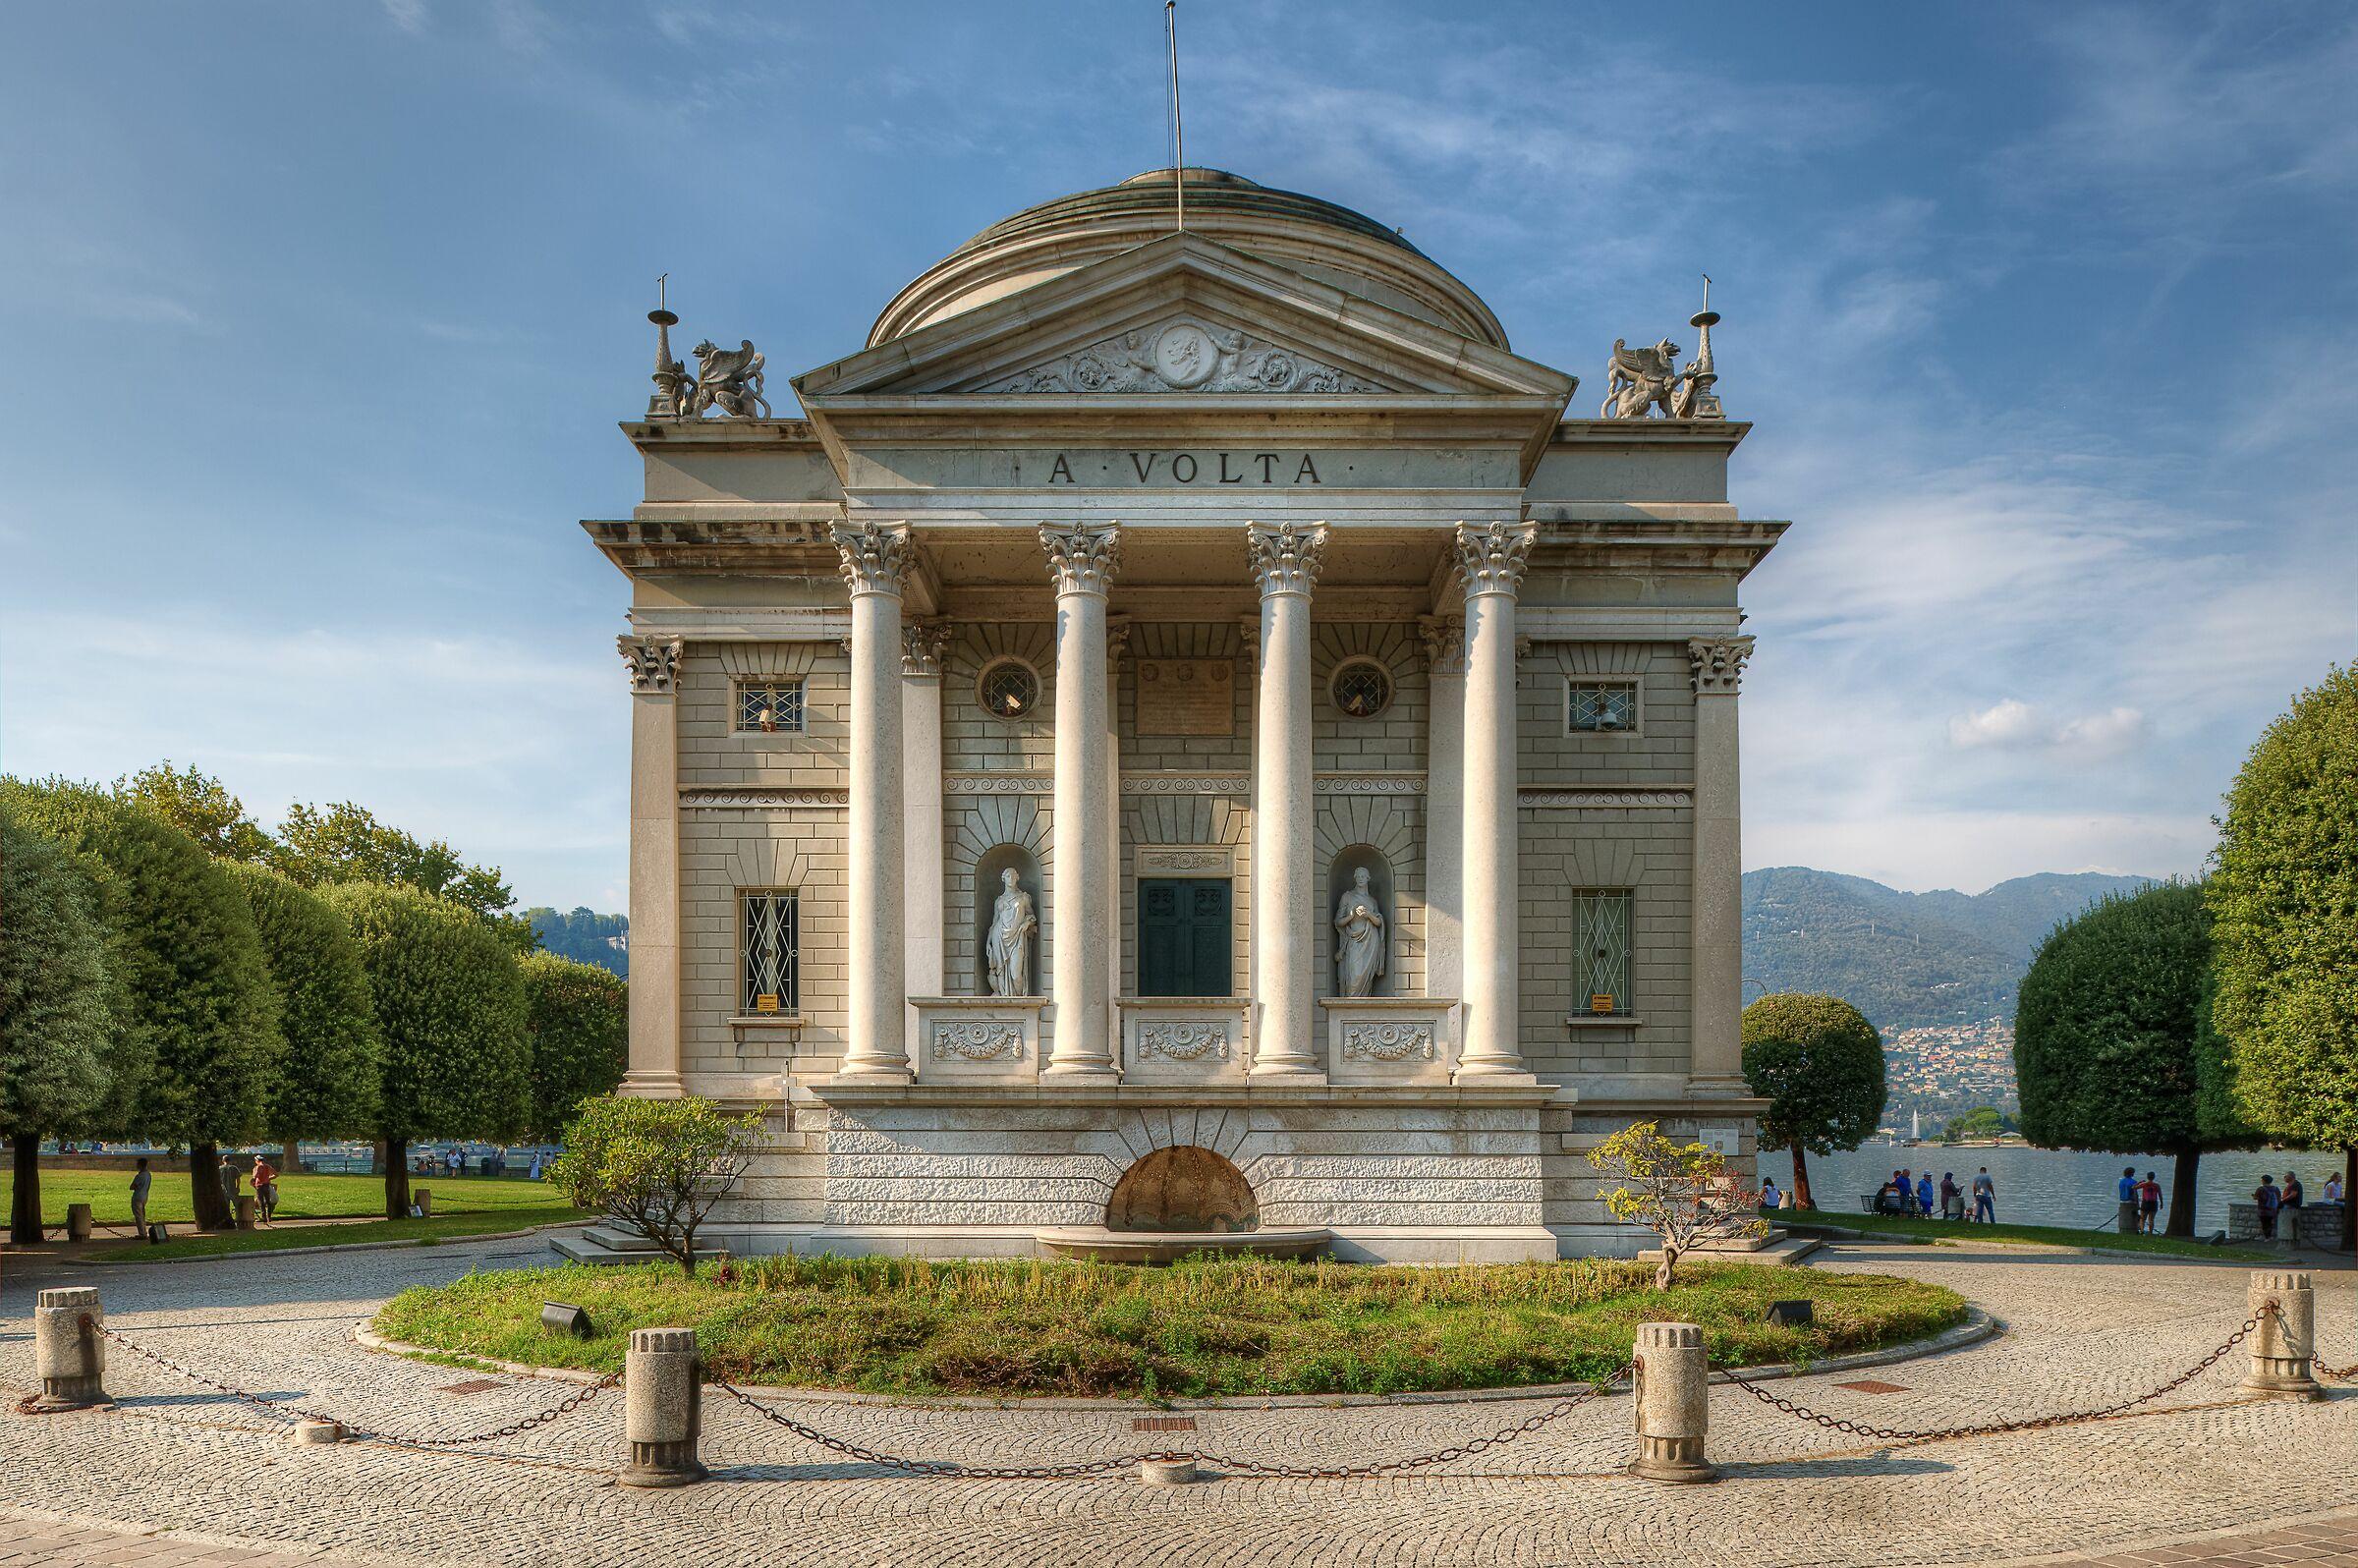 Tempio Voltiano; Como, Italy...